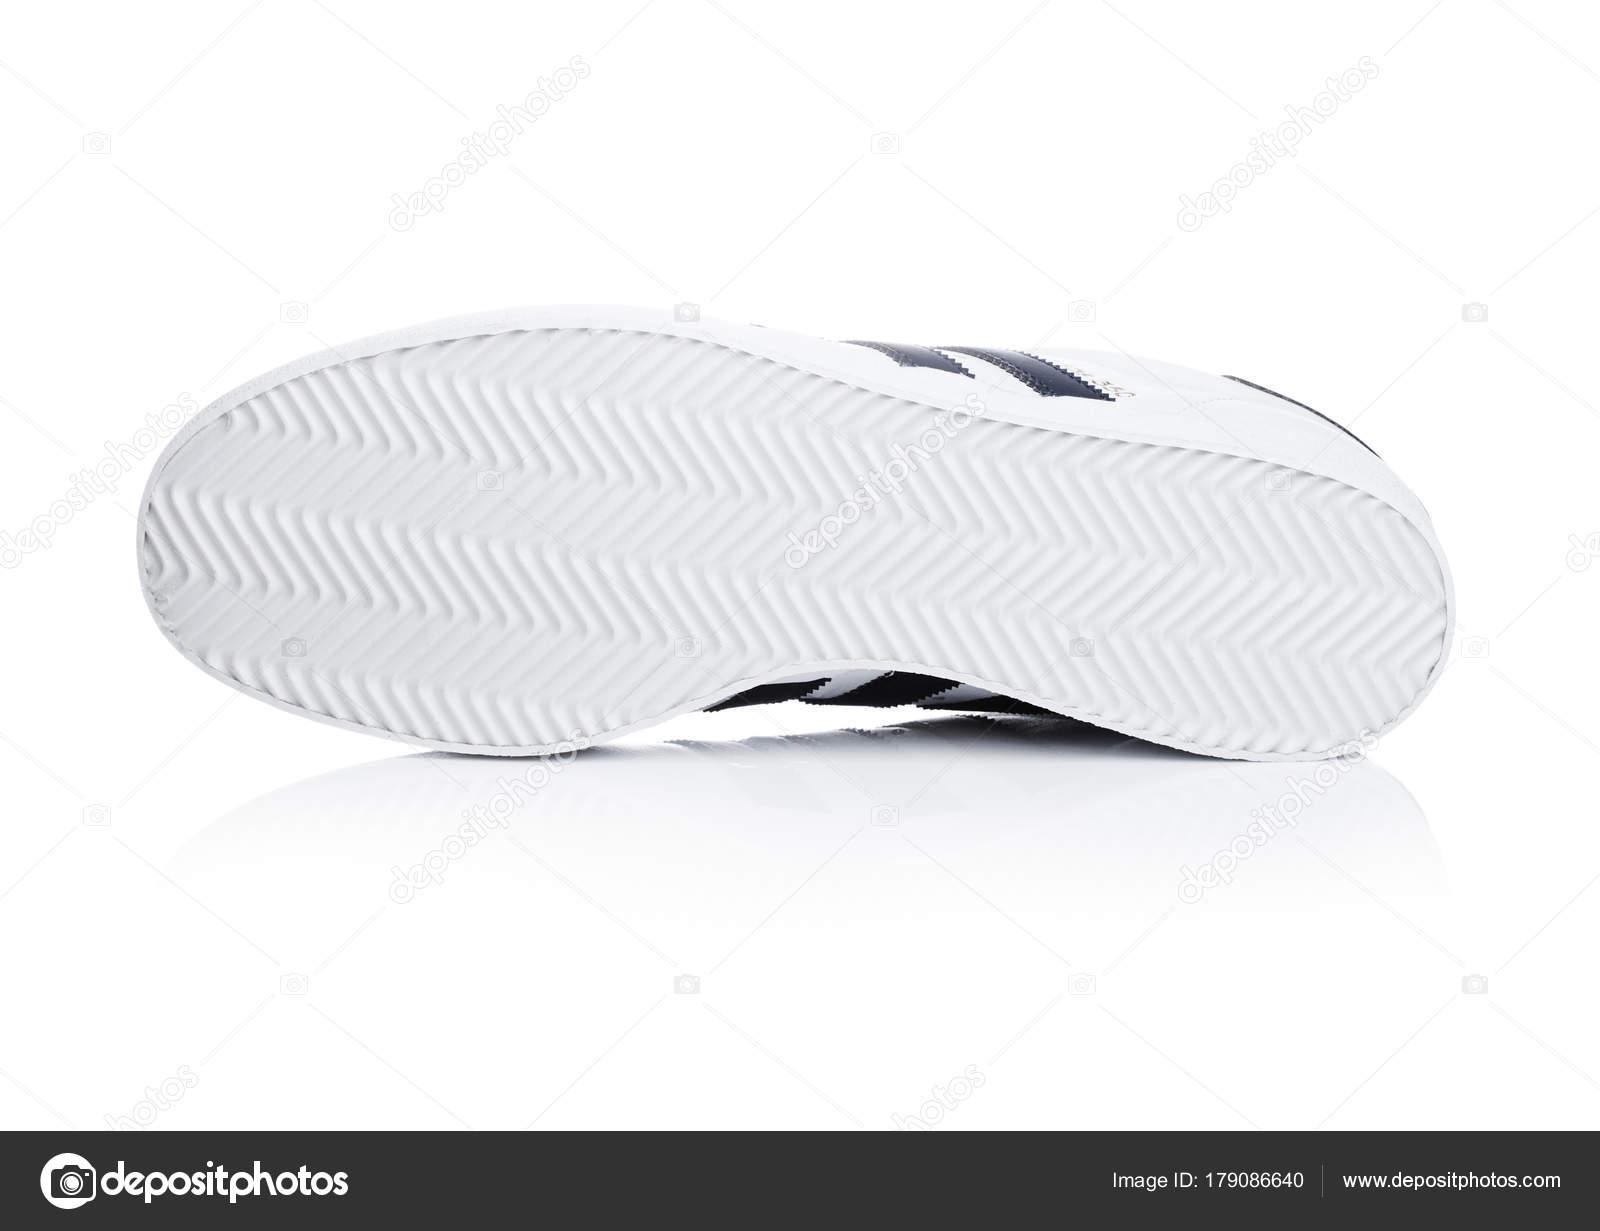 designer fashion 33318 e1adb Londra, Uk - 2 gennaio 2018  Scarpe Adidas Originals su priorità bassa  bianca. Multinazionale tedesca che progetta e produce scarpe sportive, ...